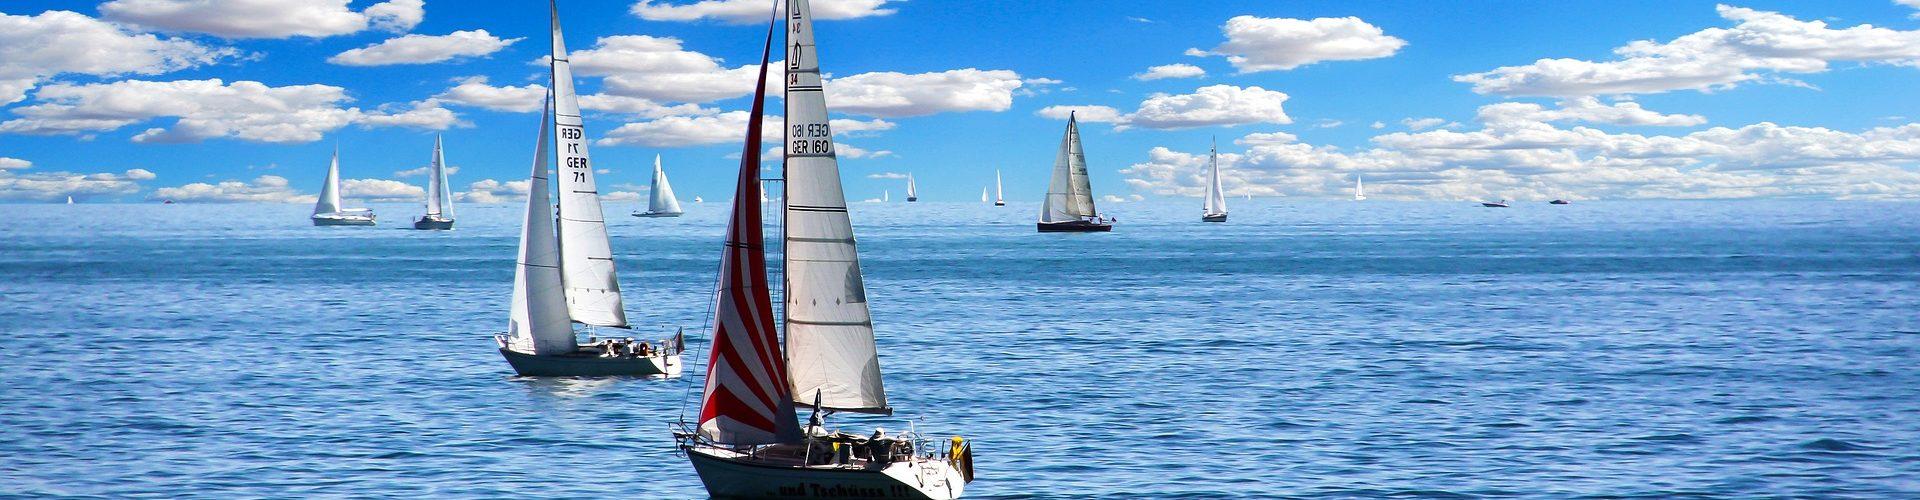 segeln lernen in Willich segelschein machen in Willich 1920x500 - Segeln lernen in Willich